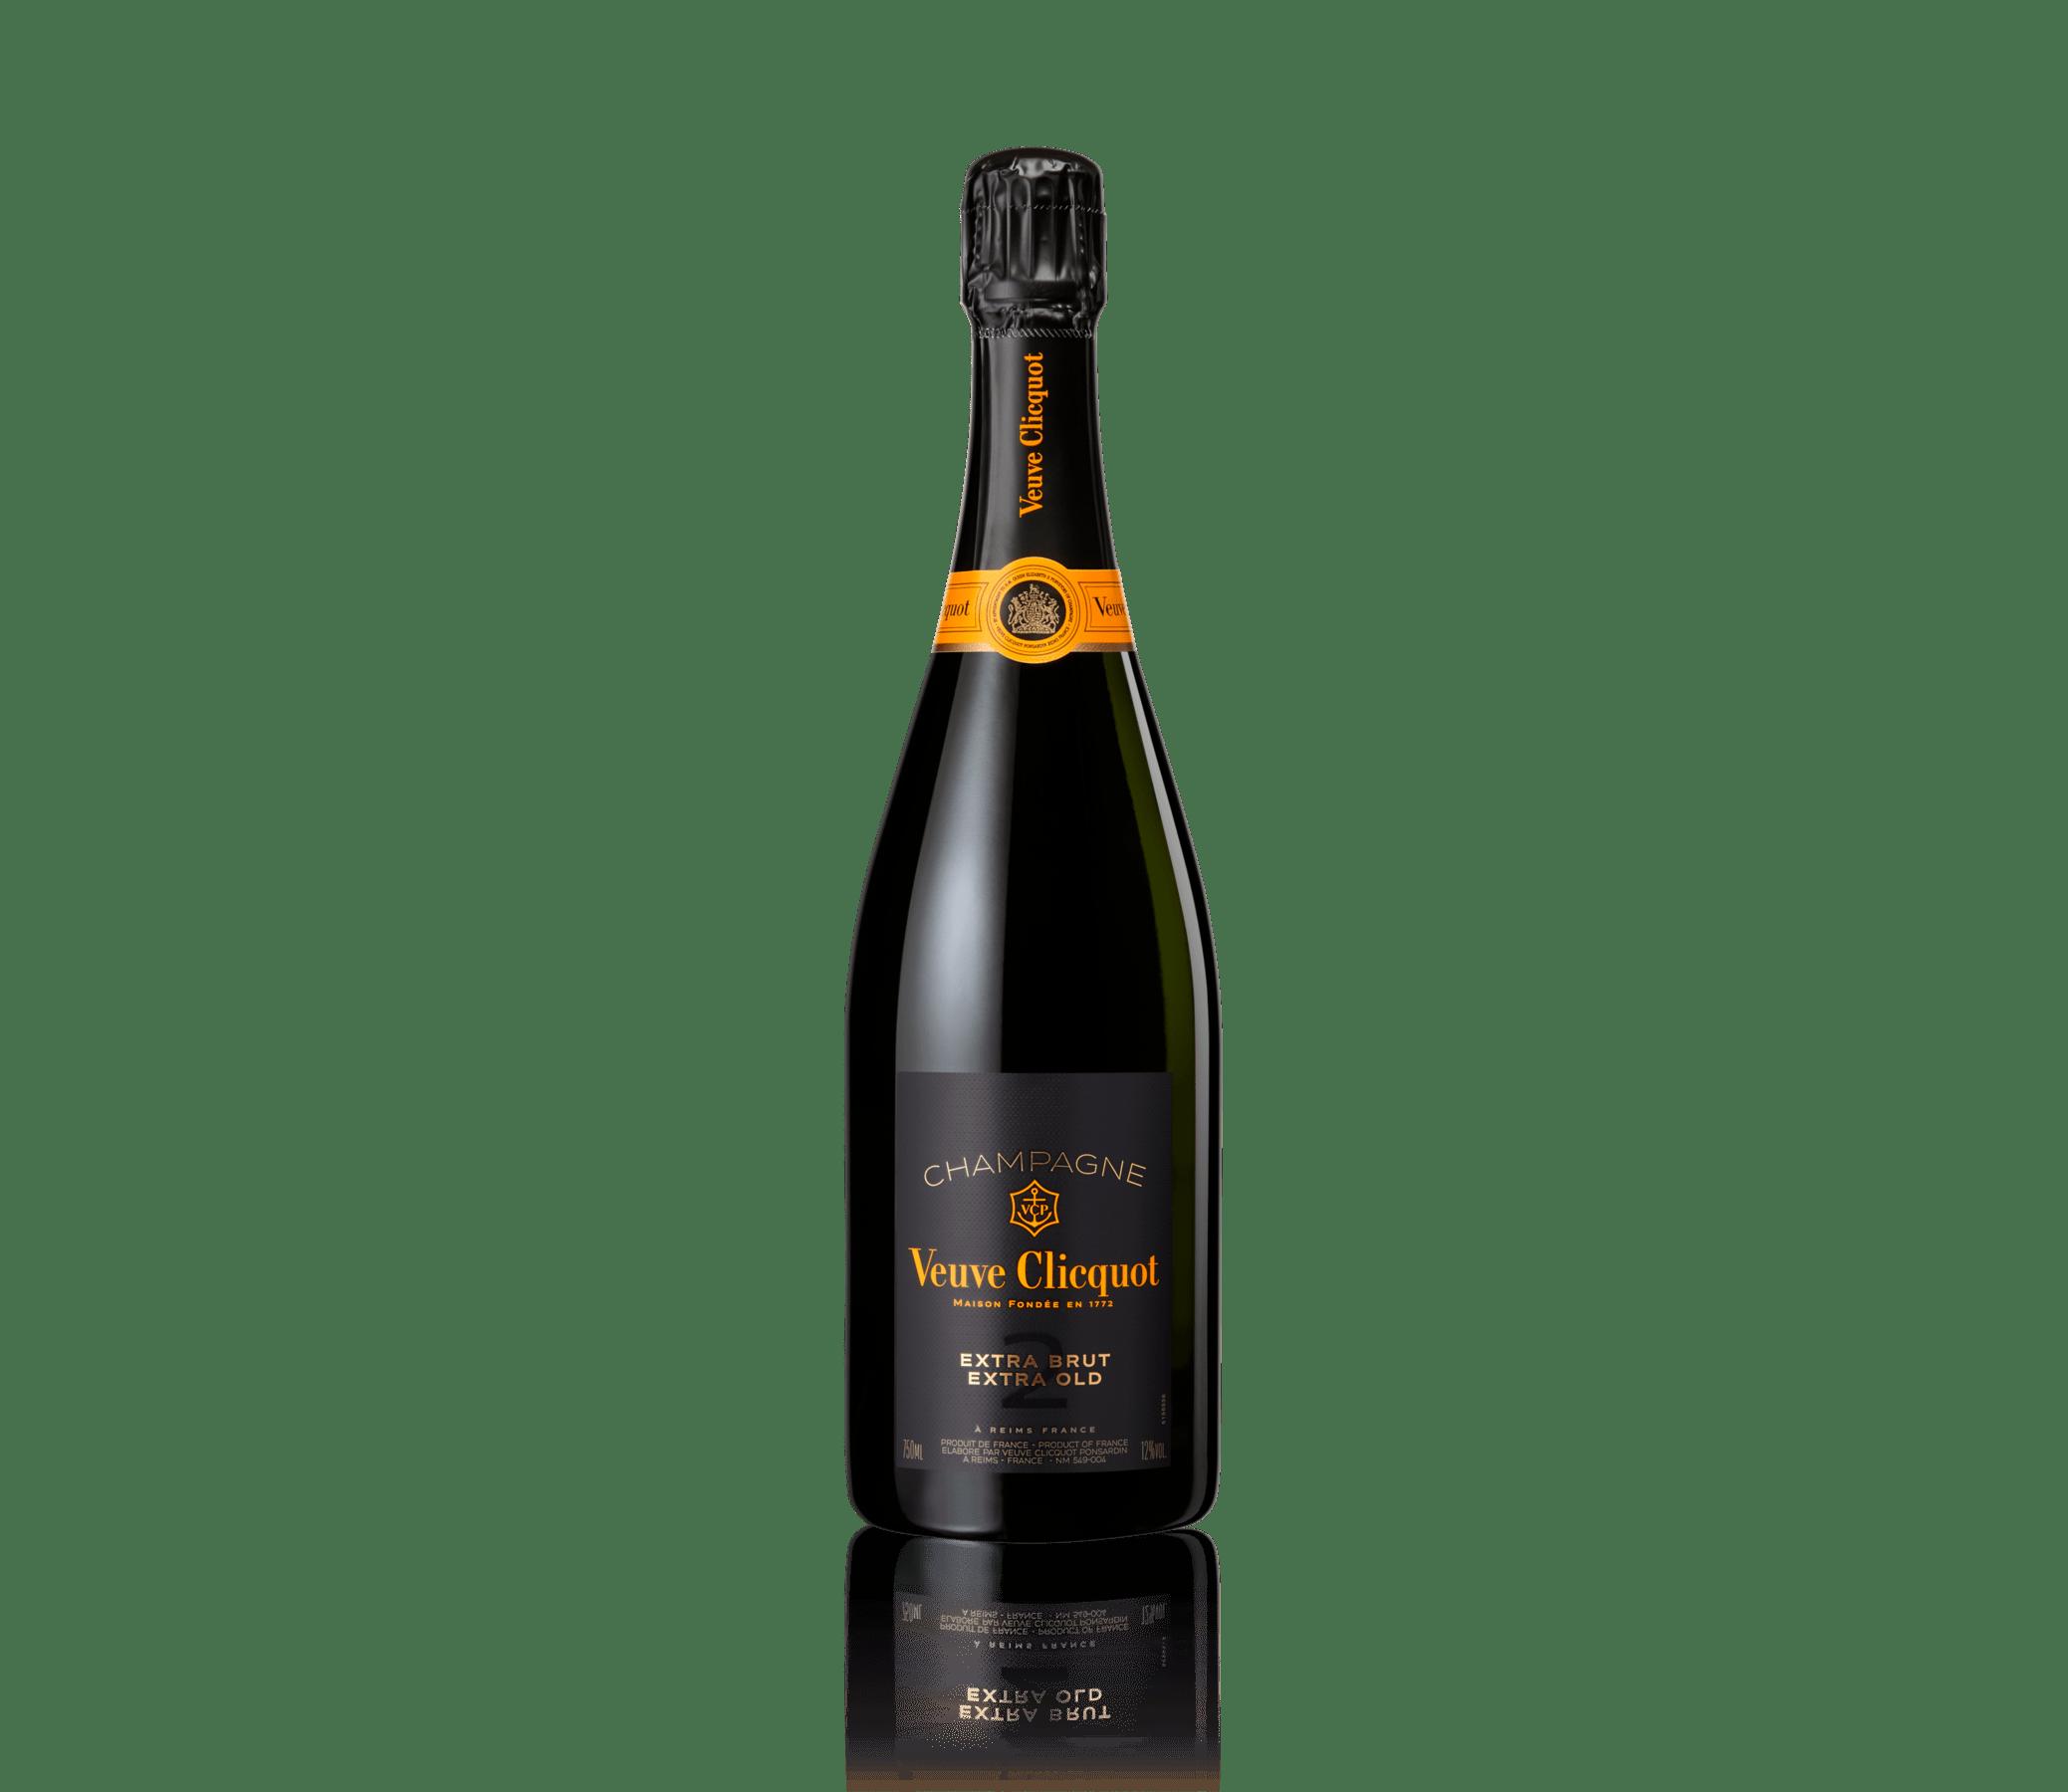 Bottiglia Veuve Clicquot Champagne Extra Brut Extra Old 2